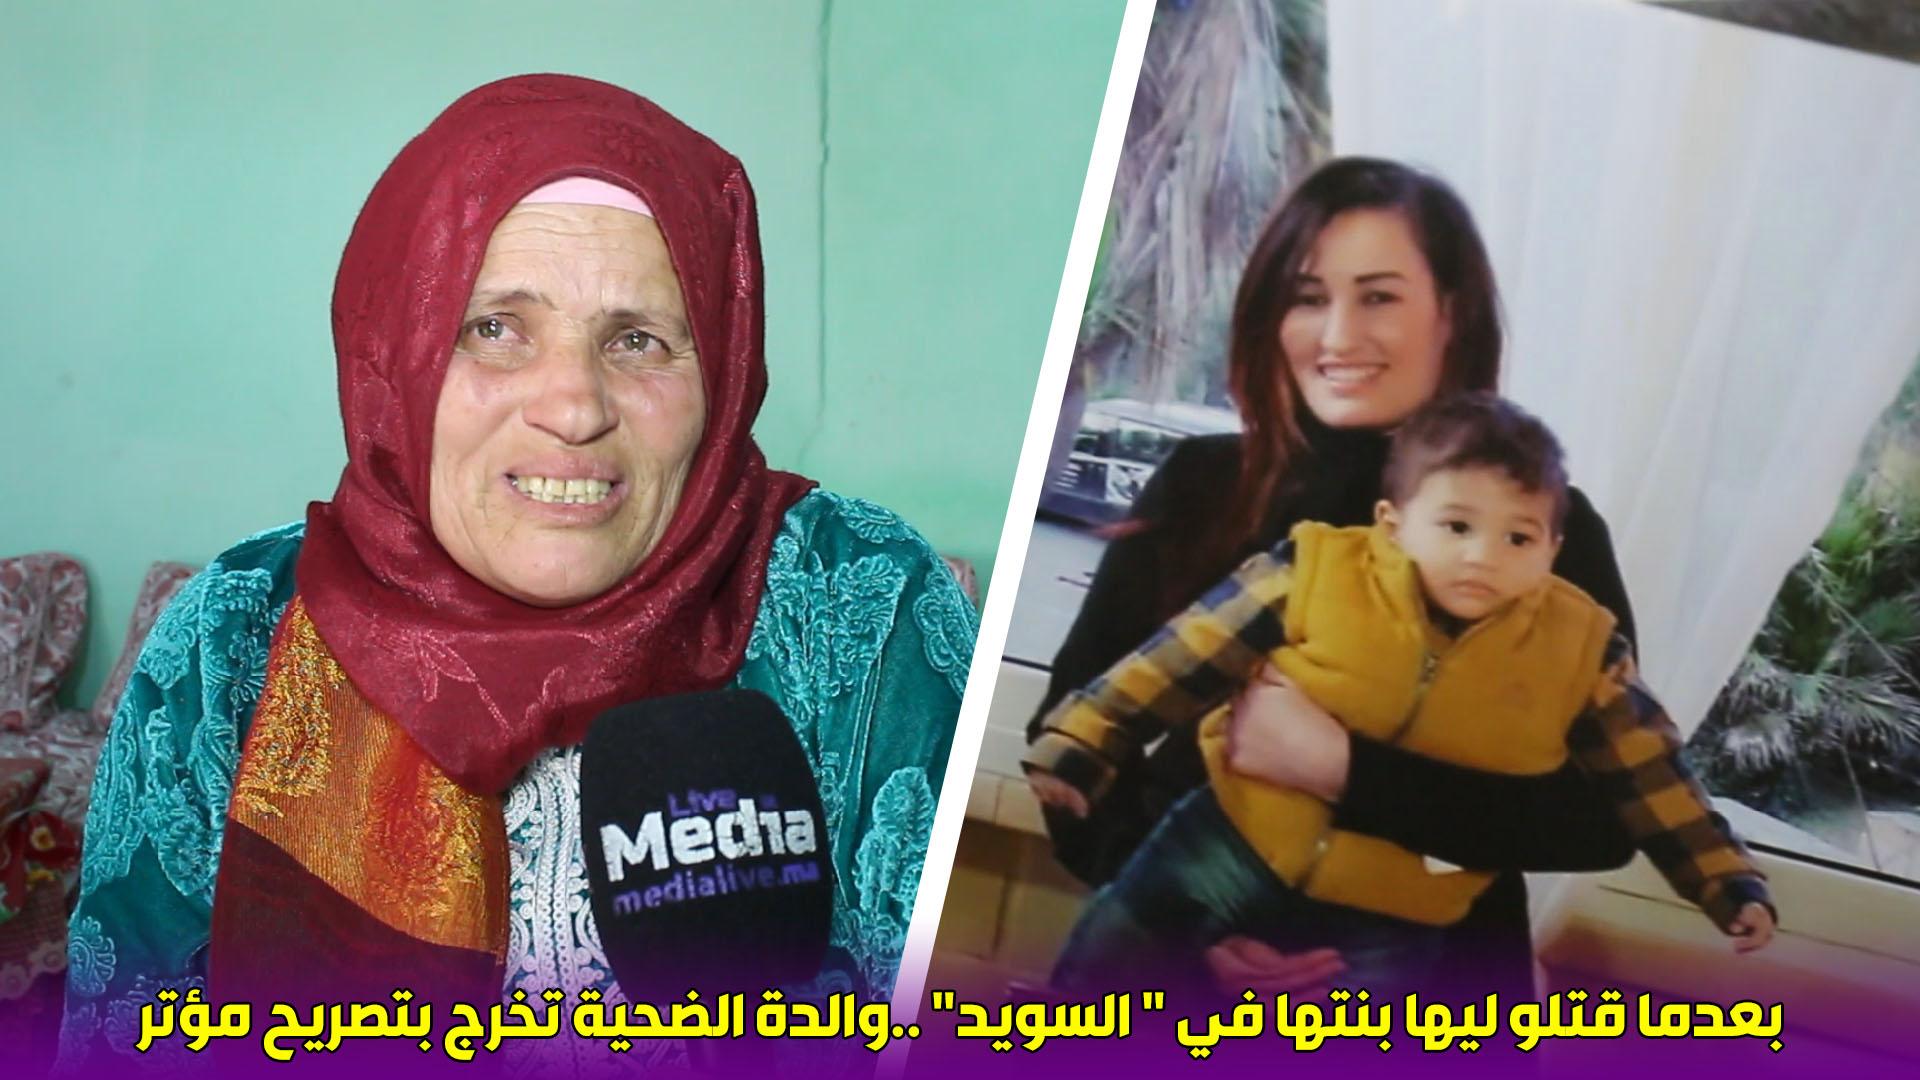 """بعدما قتلو ليها بنتها في """" السويد"""" ..والدة الضحية من نواحي المحمدية تخرج بتصريح مؤتر"""